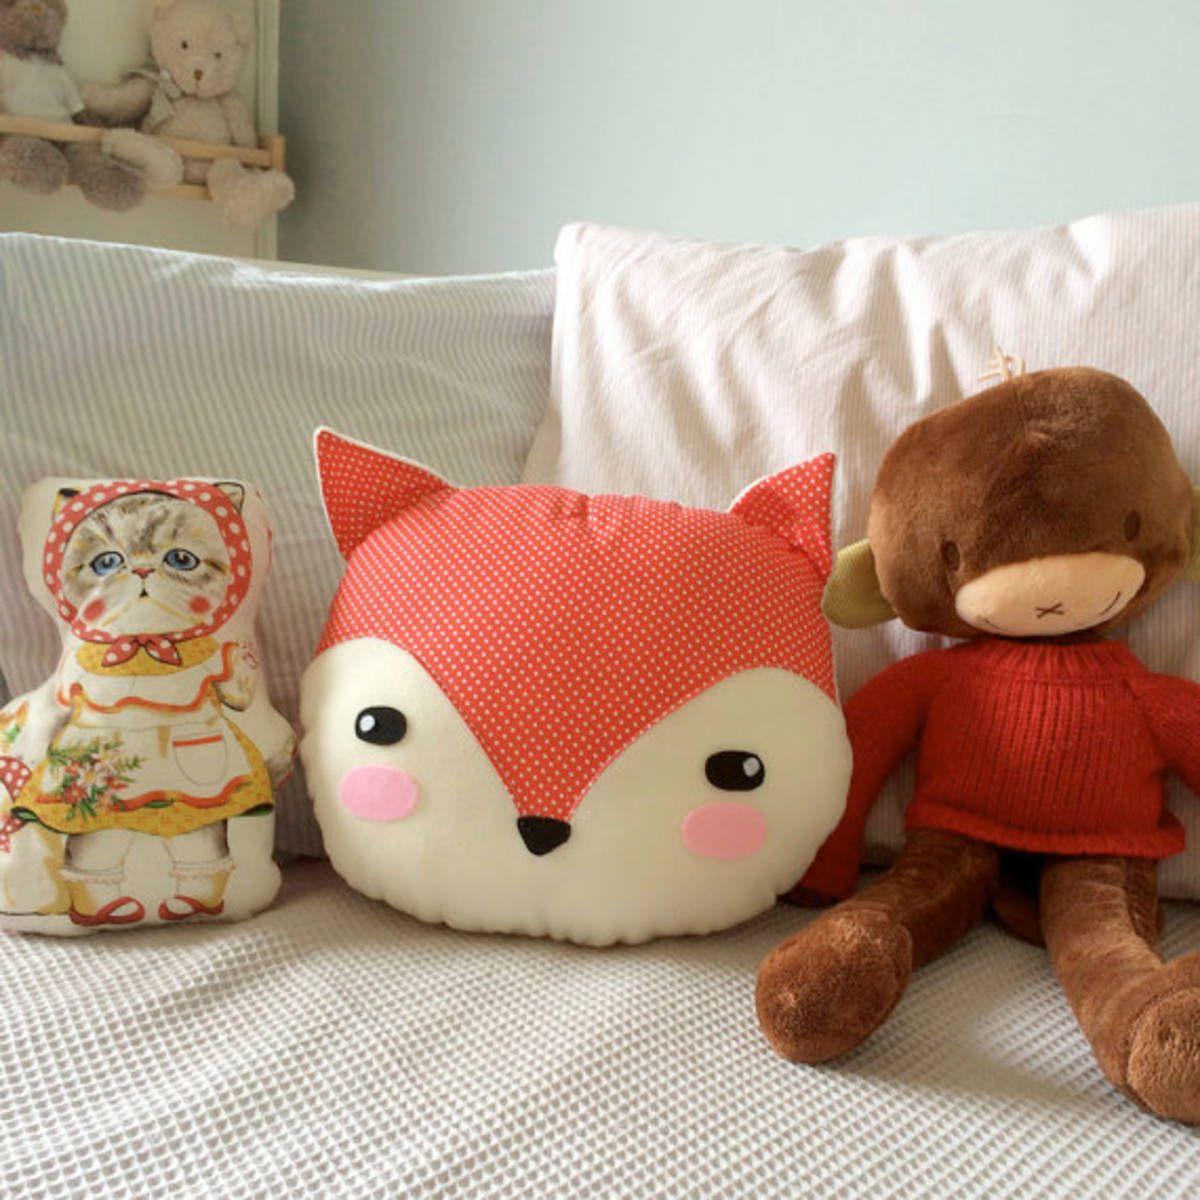 699ce03133d2b9 almofada raposa - decoração sem marca | crafty .... craft ...